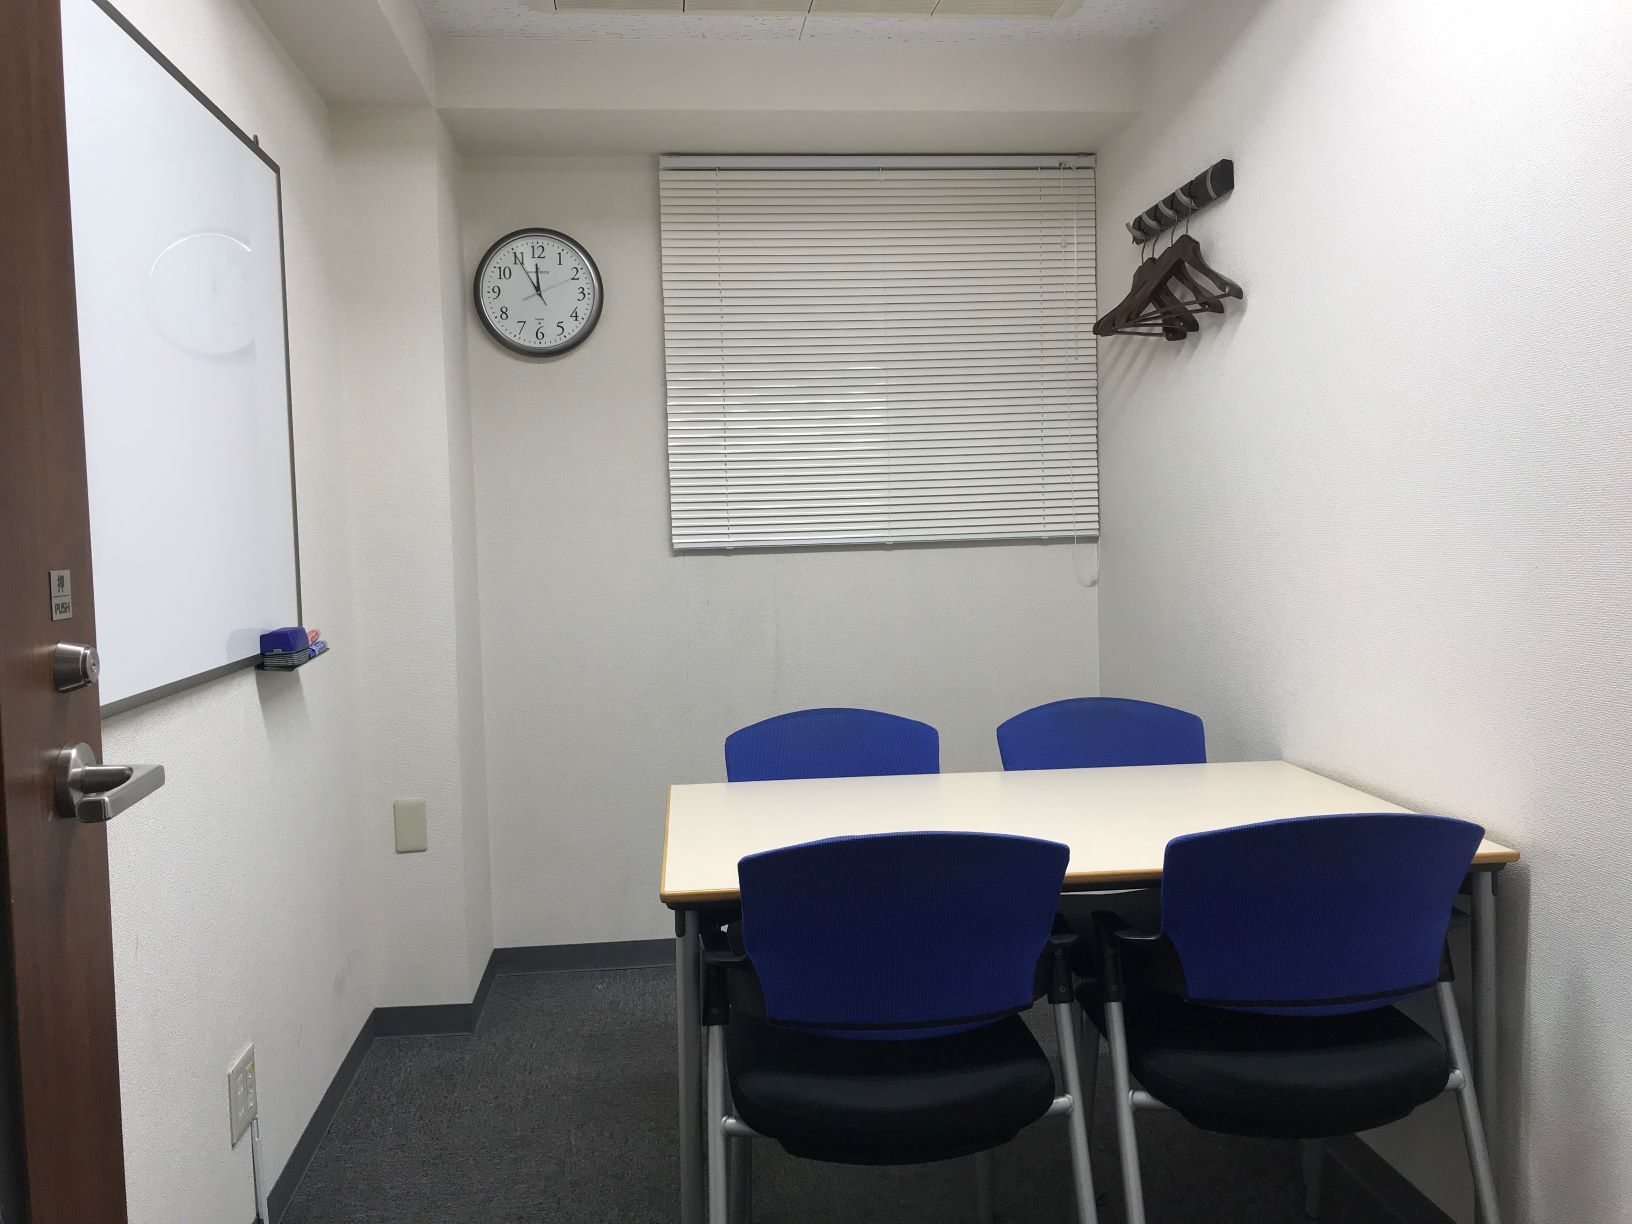 SOHOプラザ丸の内 貸会議室 小会議室(4名様用)の室内の写真